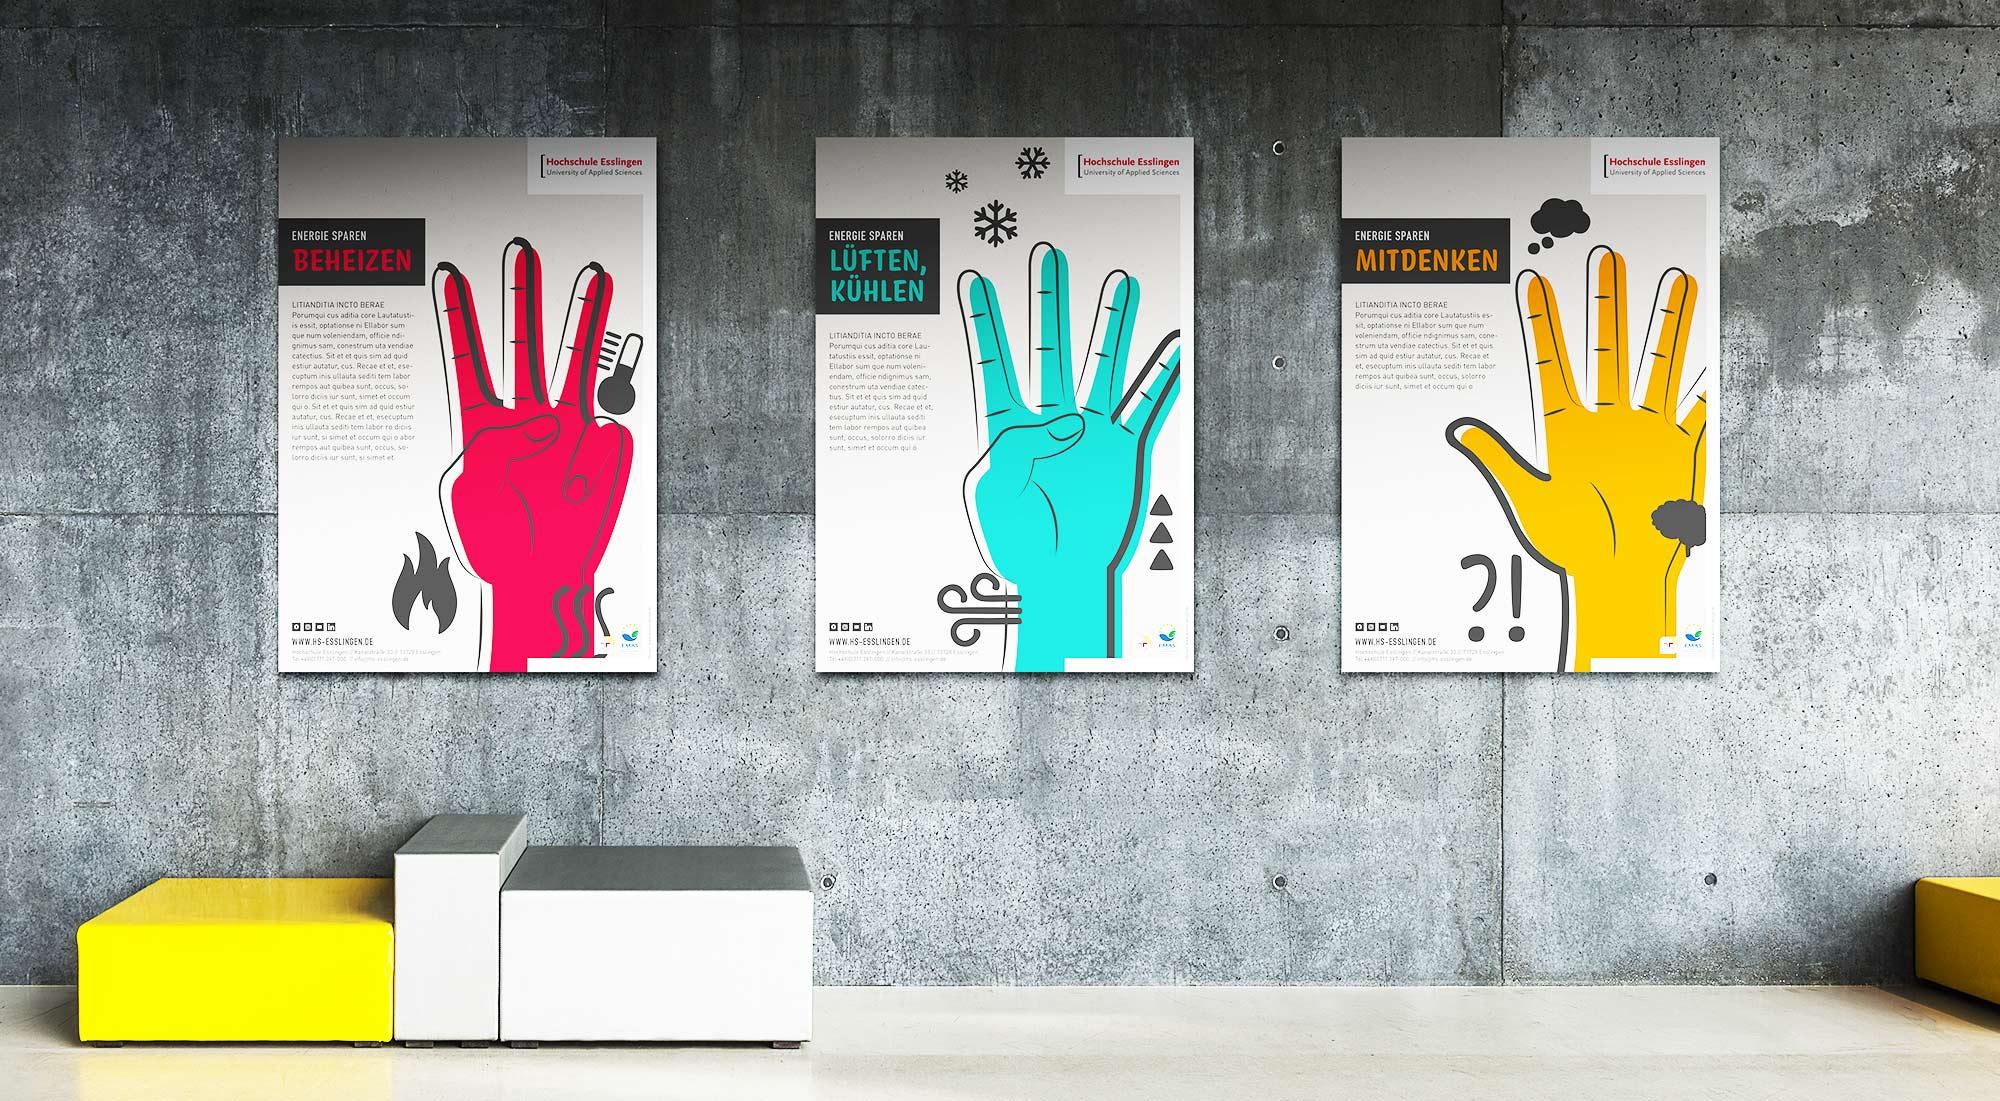 Design im Raum Plakat Gestaltung für Kampagne